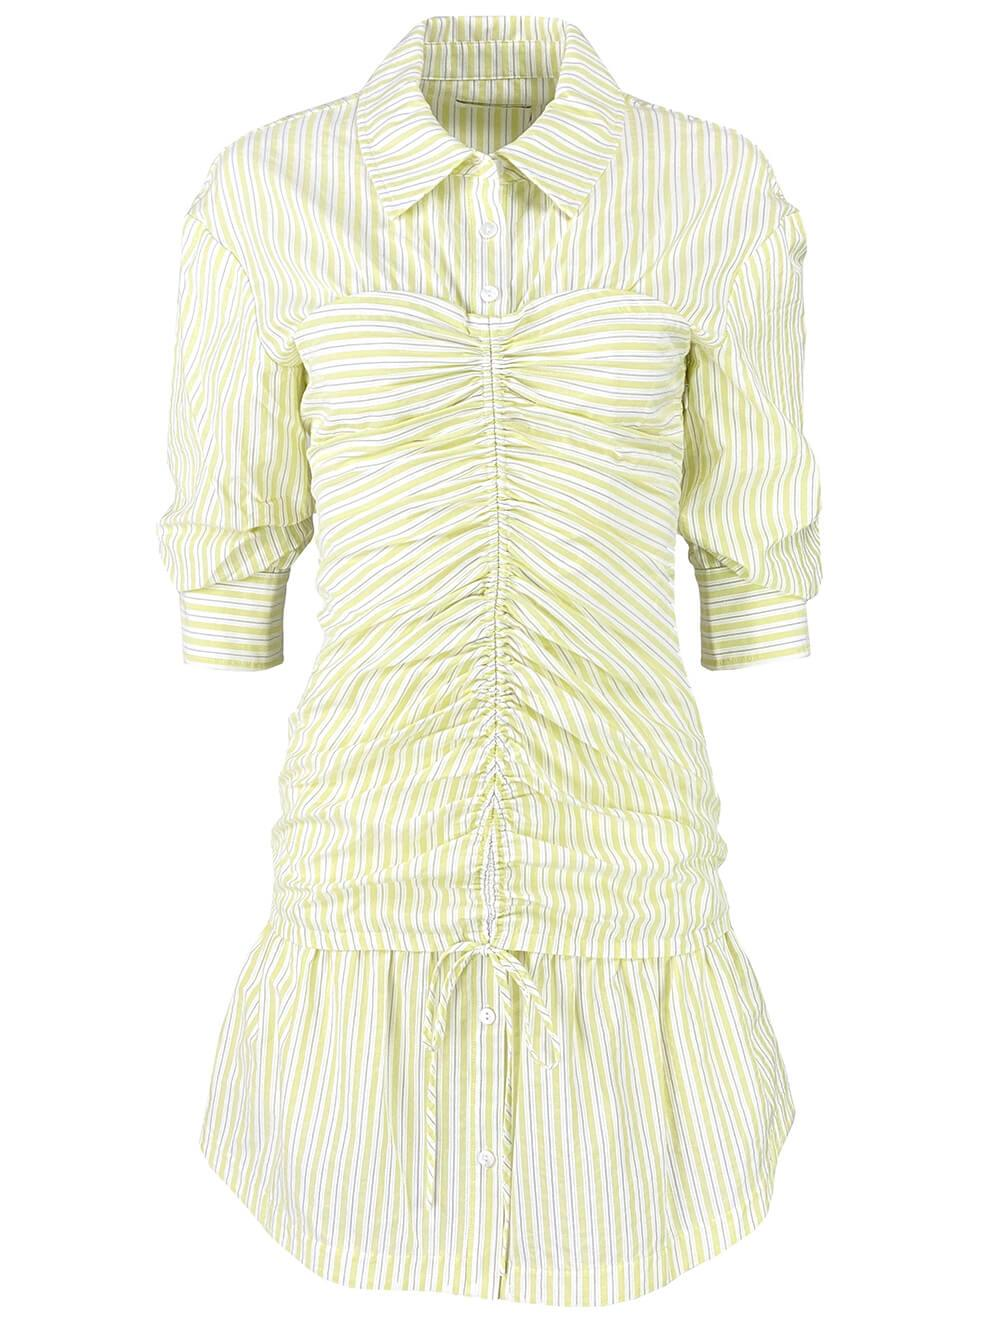 Delanie Mini Dress Item # 421-1096-J